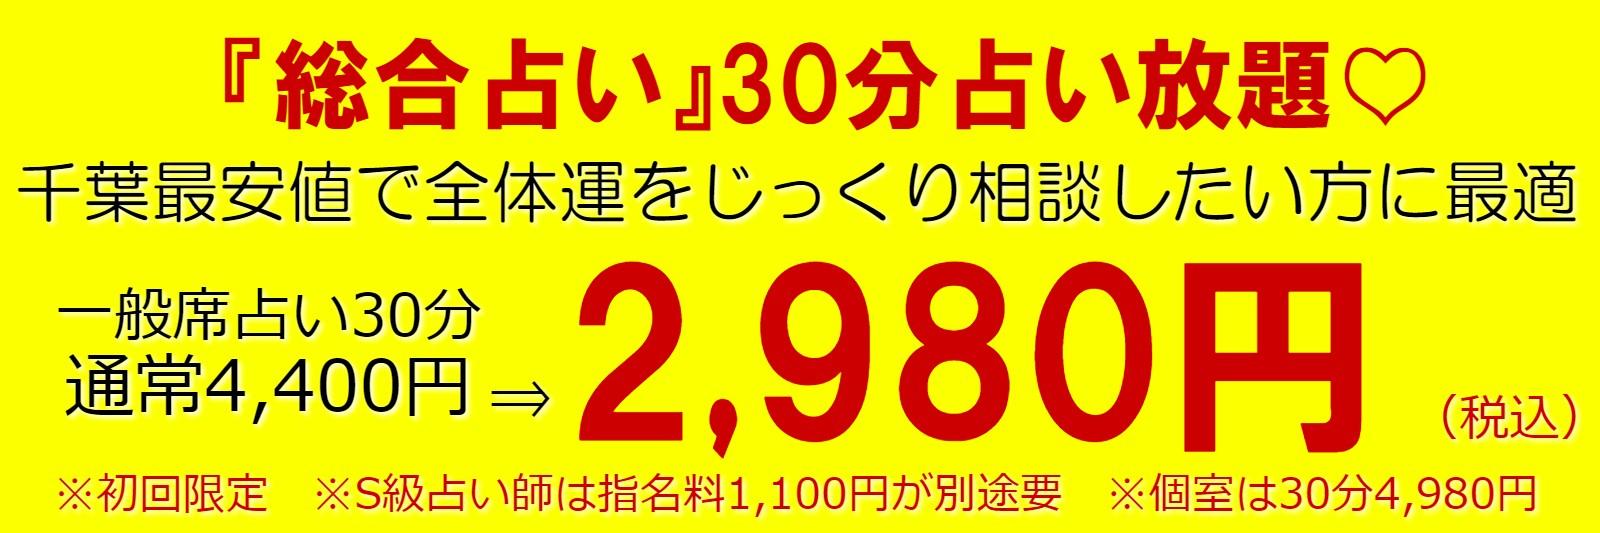 千葉柏占いなら【総合占い30分2,980円】が人気の『占い館BCAFE(ビーカフェ)千葉柏店がオススメ!千葉県最安値で全体運(恋愛・結婚・仕事・金運等)が全てご相談が可能です。